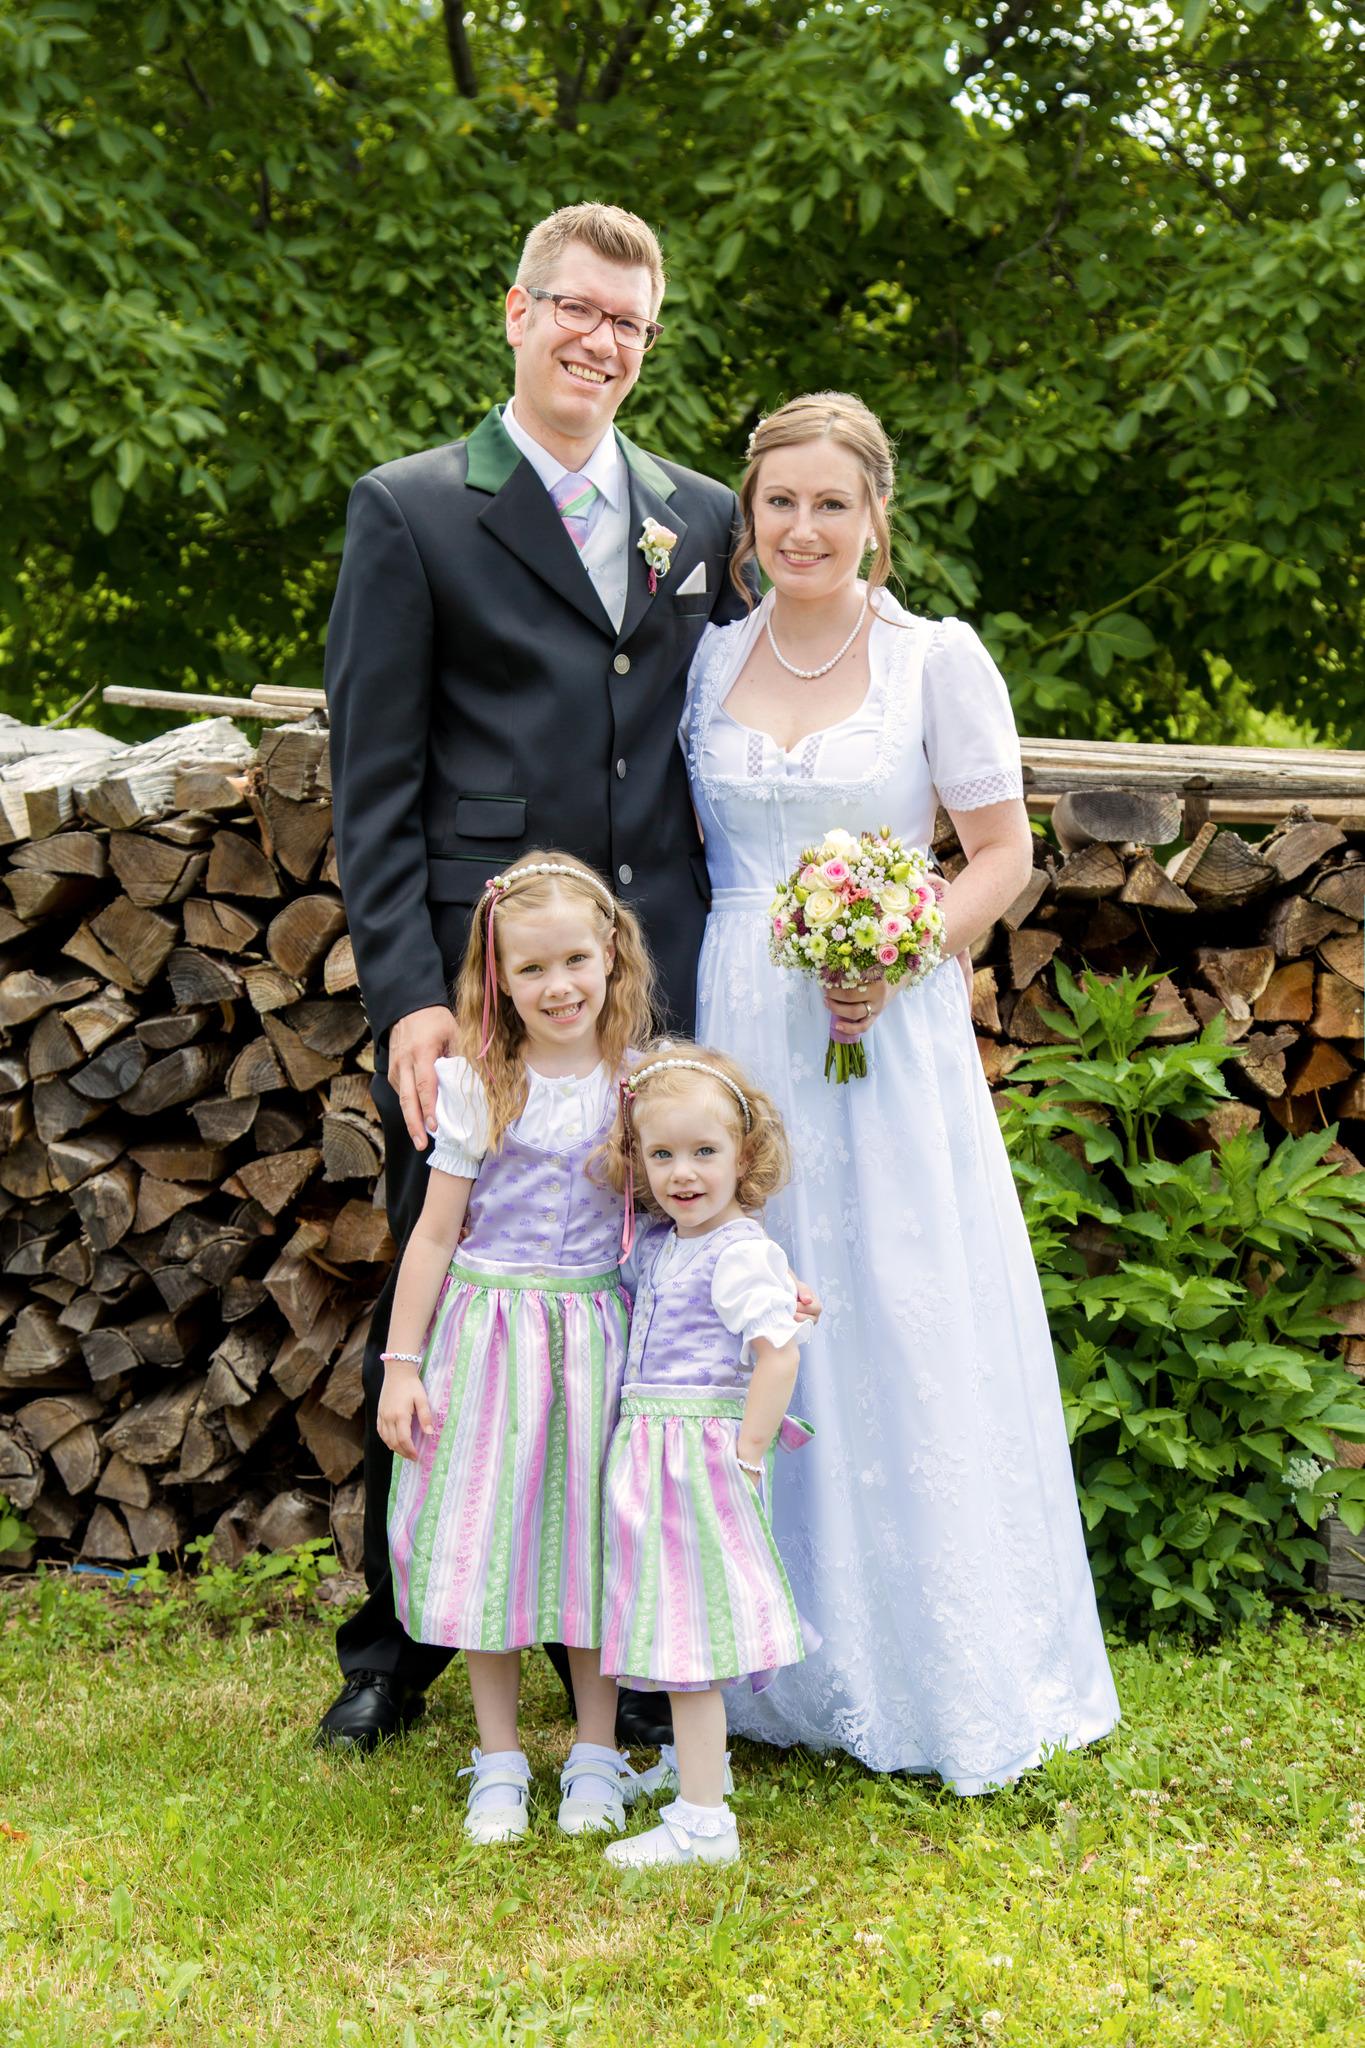 Hochzeit In Tracht Hartberg Furstenfeld